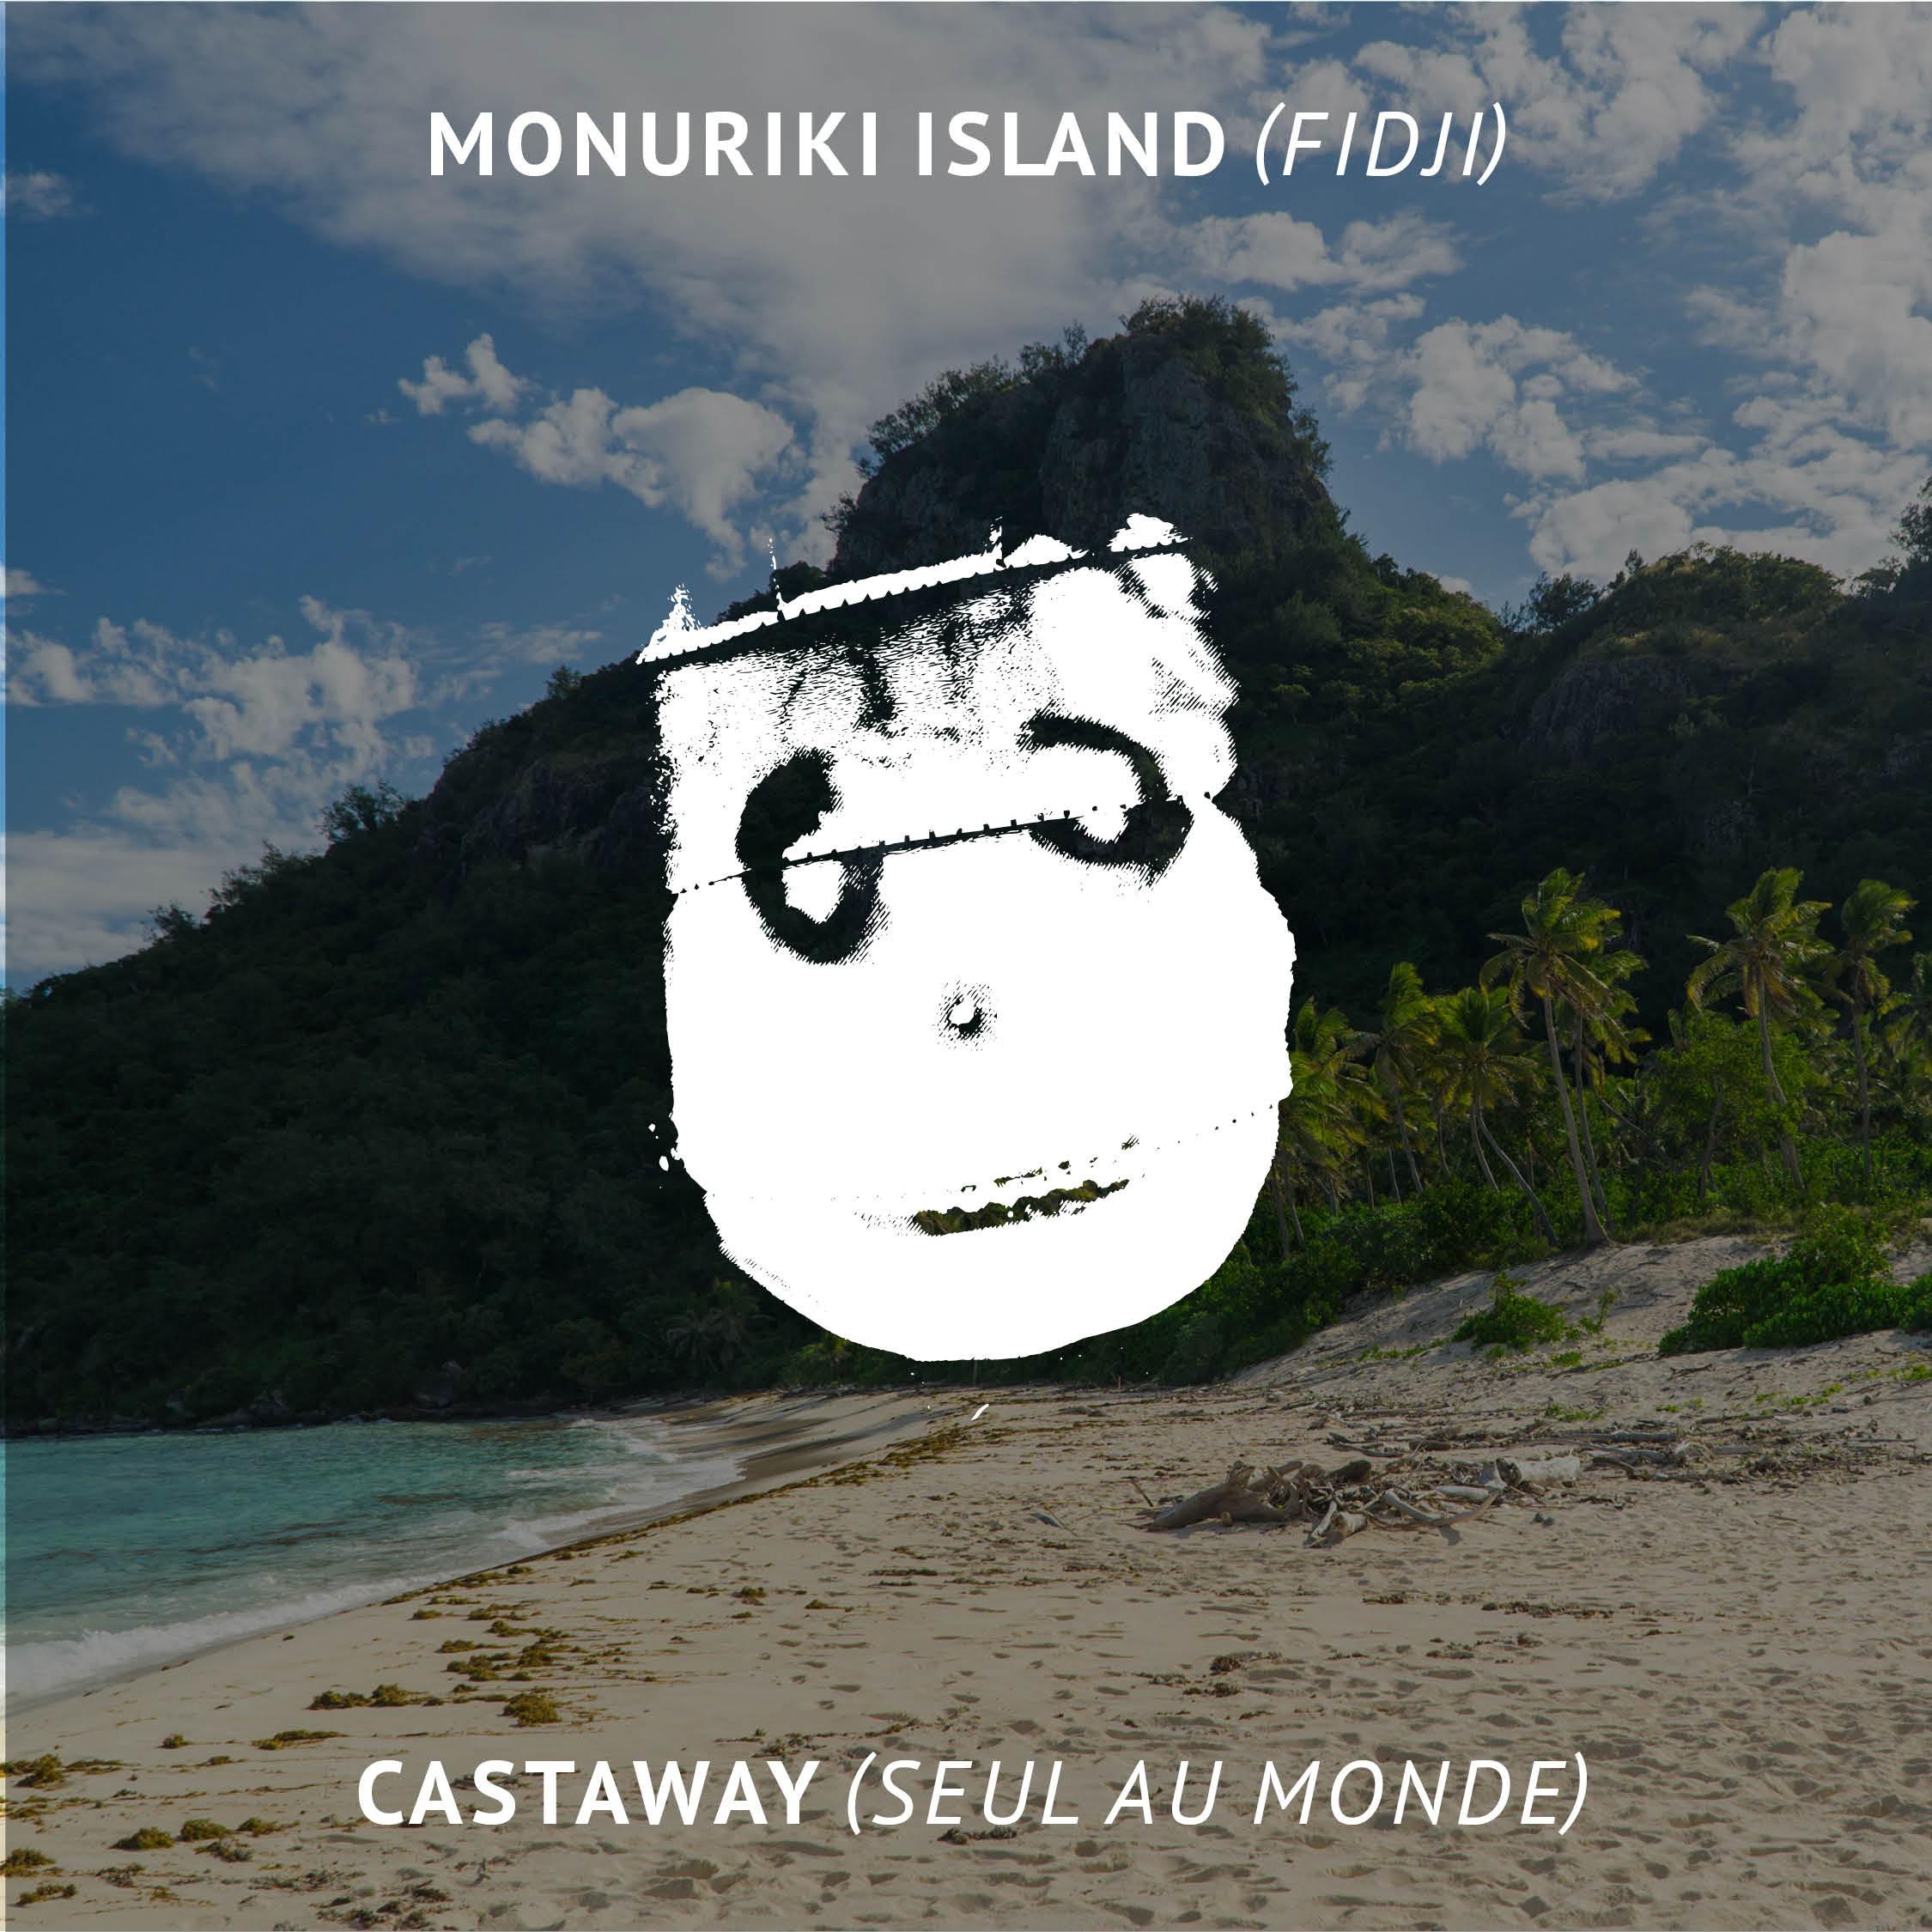 Monuriki Island Fidji